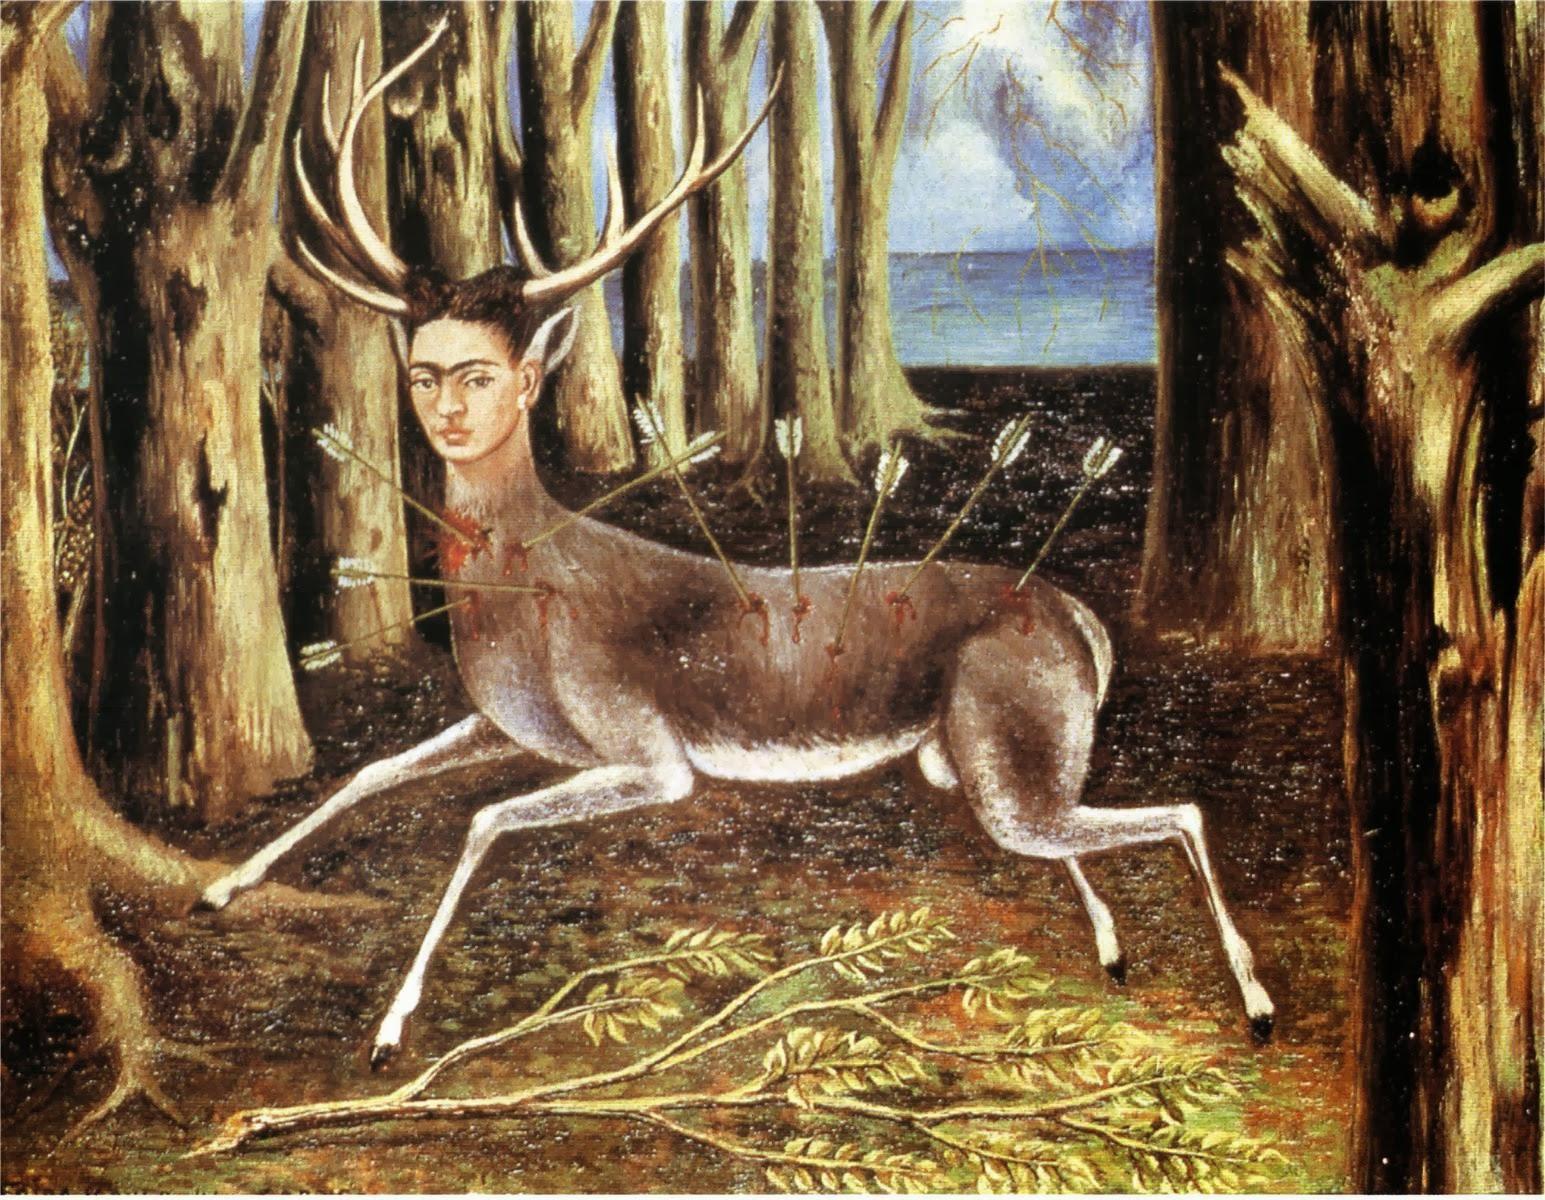 http://2.bp.blogspot.com/-BM1nLQkpUig/UlgrOTgMOUI/AAAAAAAACfg/Ziw2VlTi08E/s3200/Kalho+Frida+-+The+little+deer+-+1946.jpg